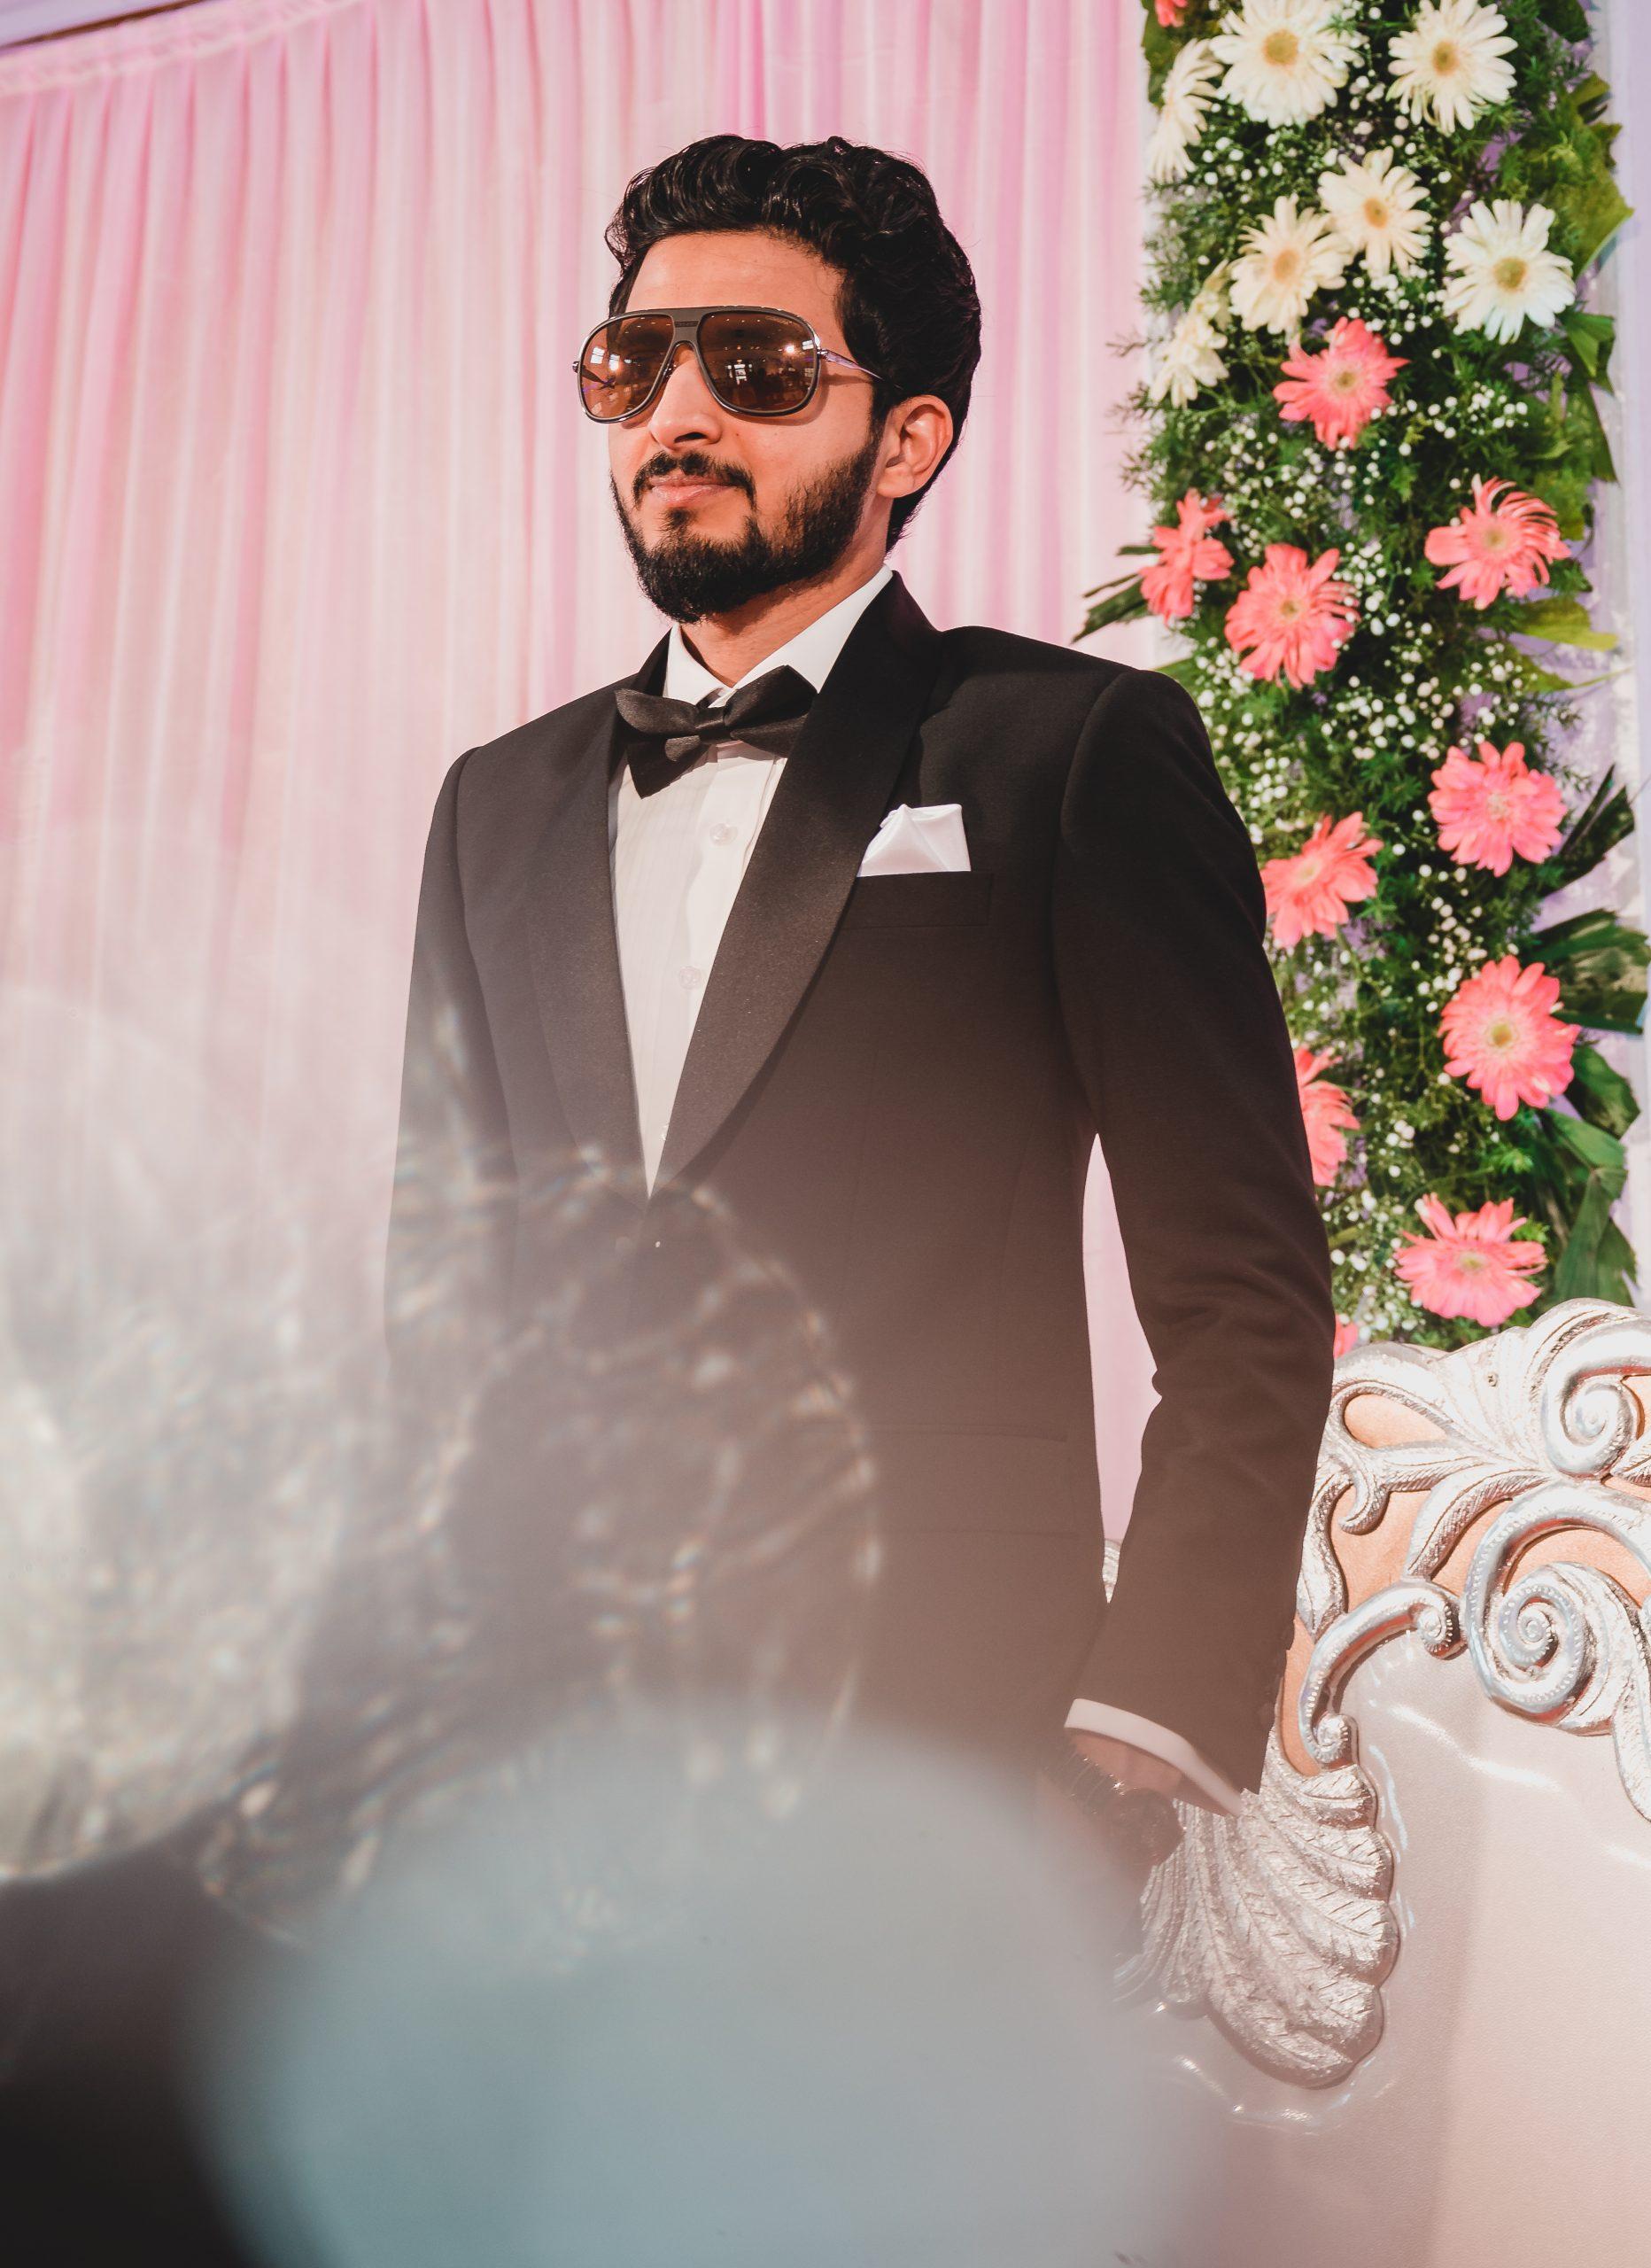 Groom posing in sunglasses